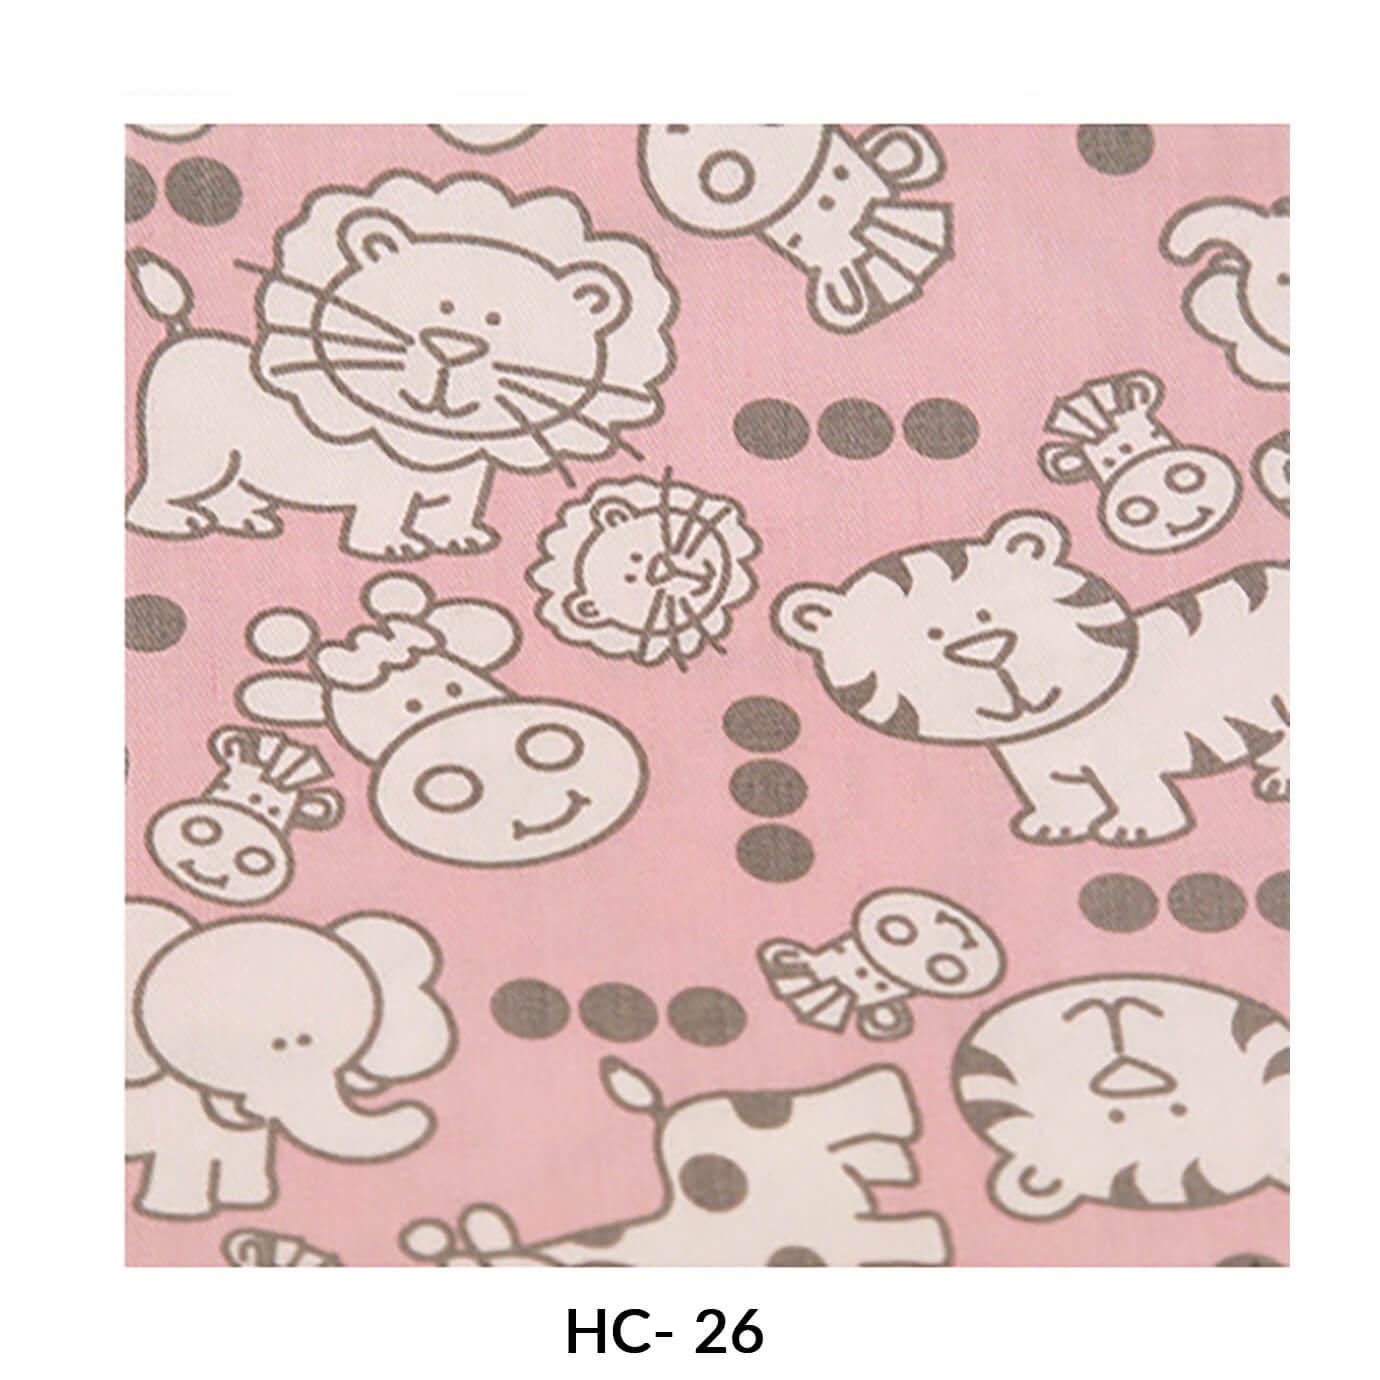 hc-26.jpg